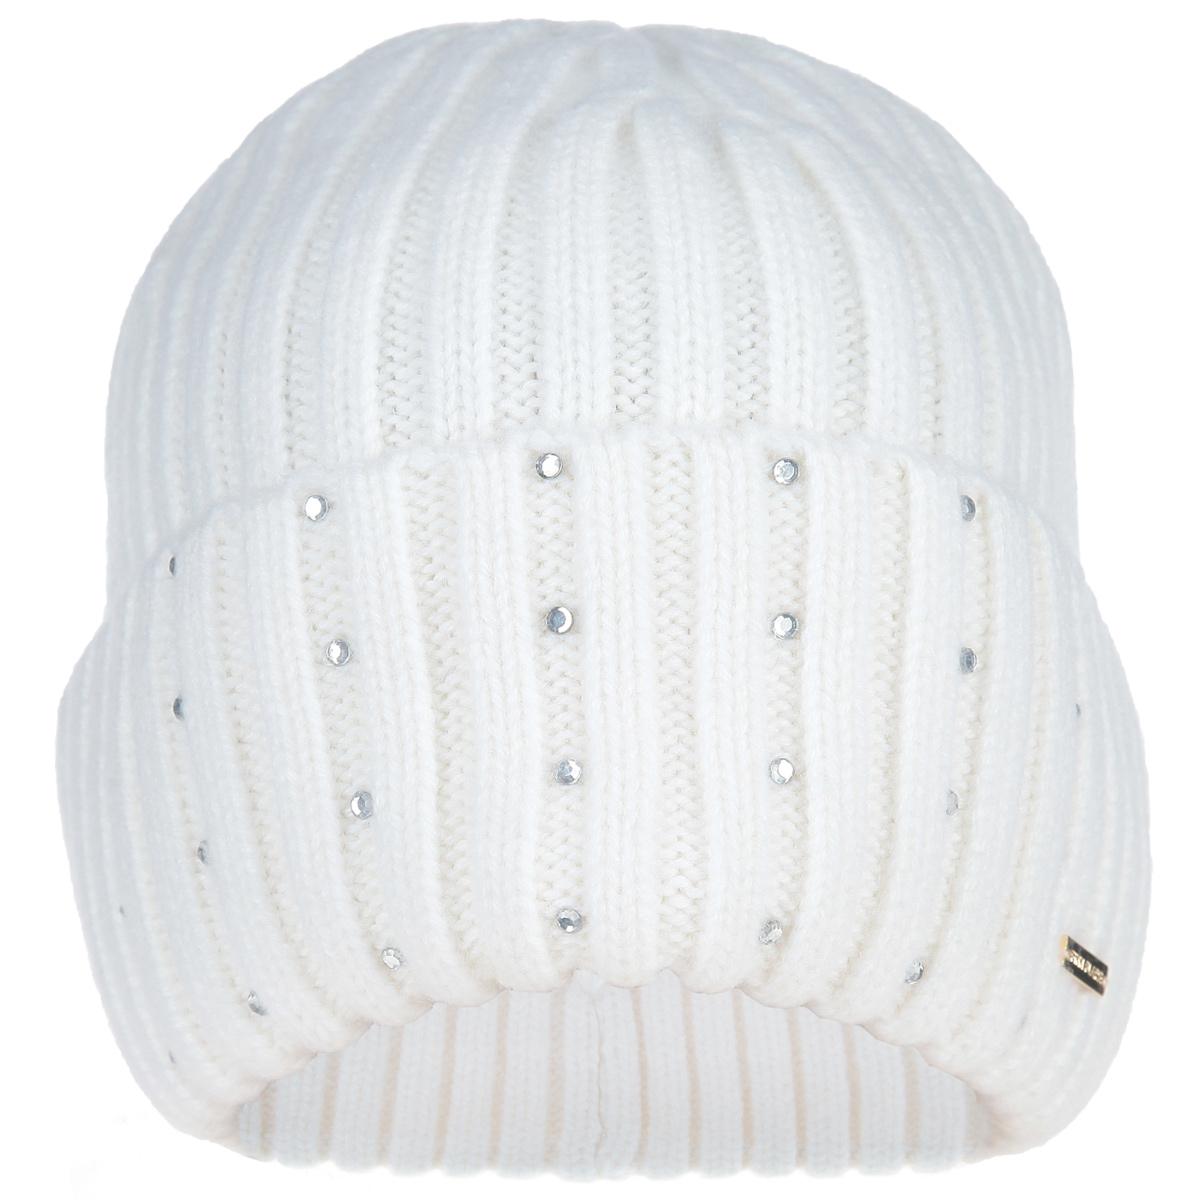 Шапка женская. W15-11120W15-11120Замечательная женская полушерстяная шапка Finn Flare с отворотом отлично дополнит ваш образ в холодную погоду. Шапочка оформлена фактурной вязкой. Декорирована небольшим элементом в виде металлической пластины с названием бренда и стразами вдоль отворота. Такая шапка составит идеальный комплект с модной верхней одеждой, в ней вам будет уютно и тепло!